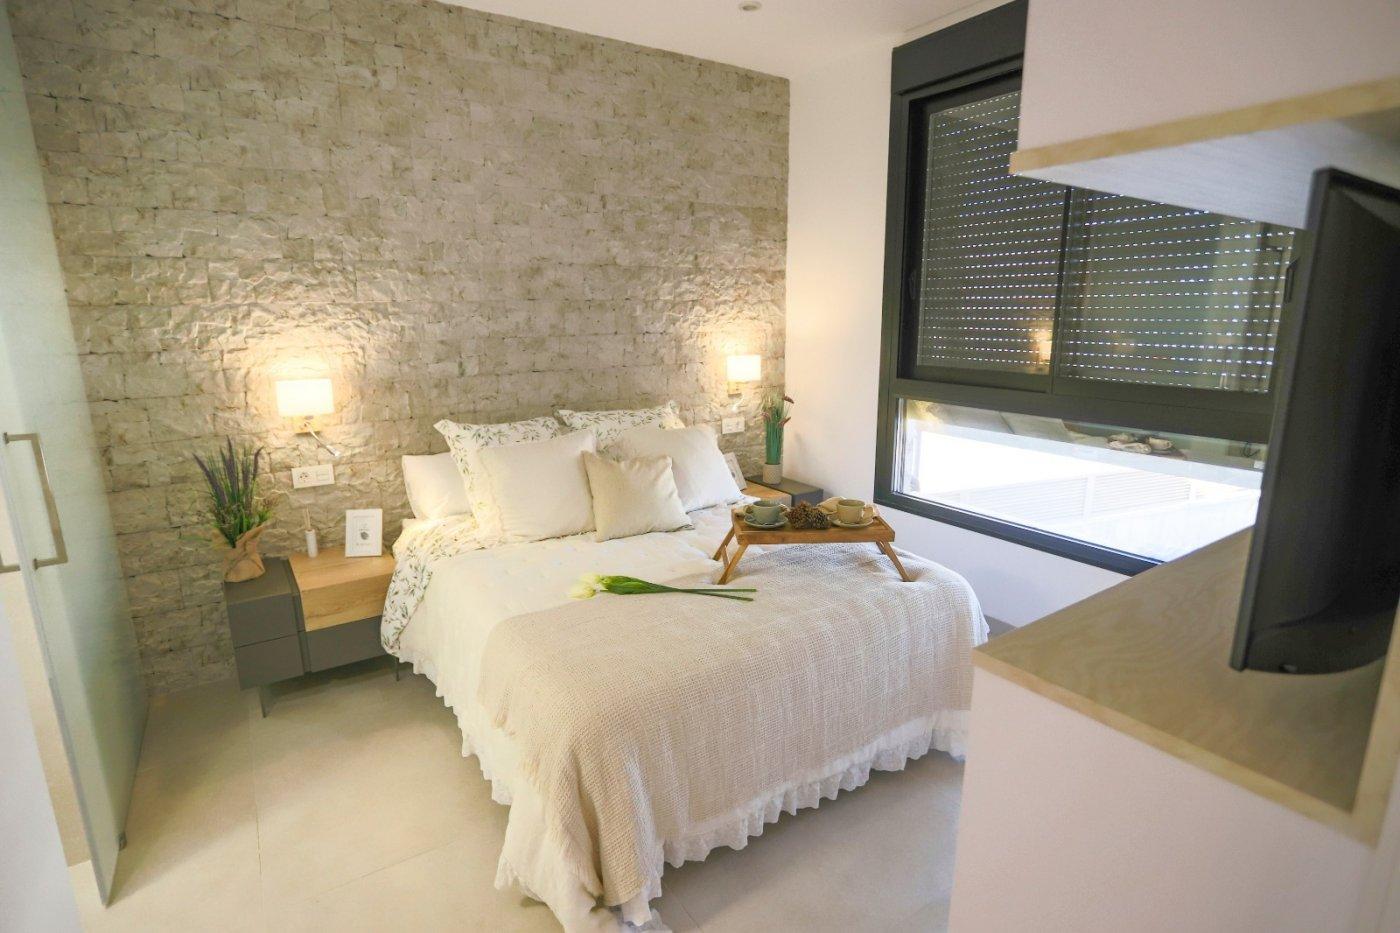 Apartamento moderno en san pedro del pinatar - imagenInmueble12